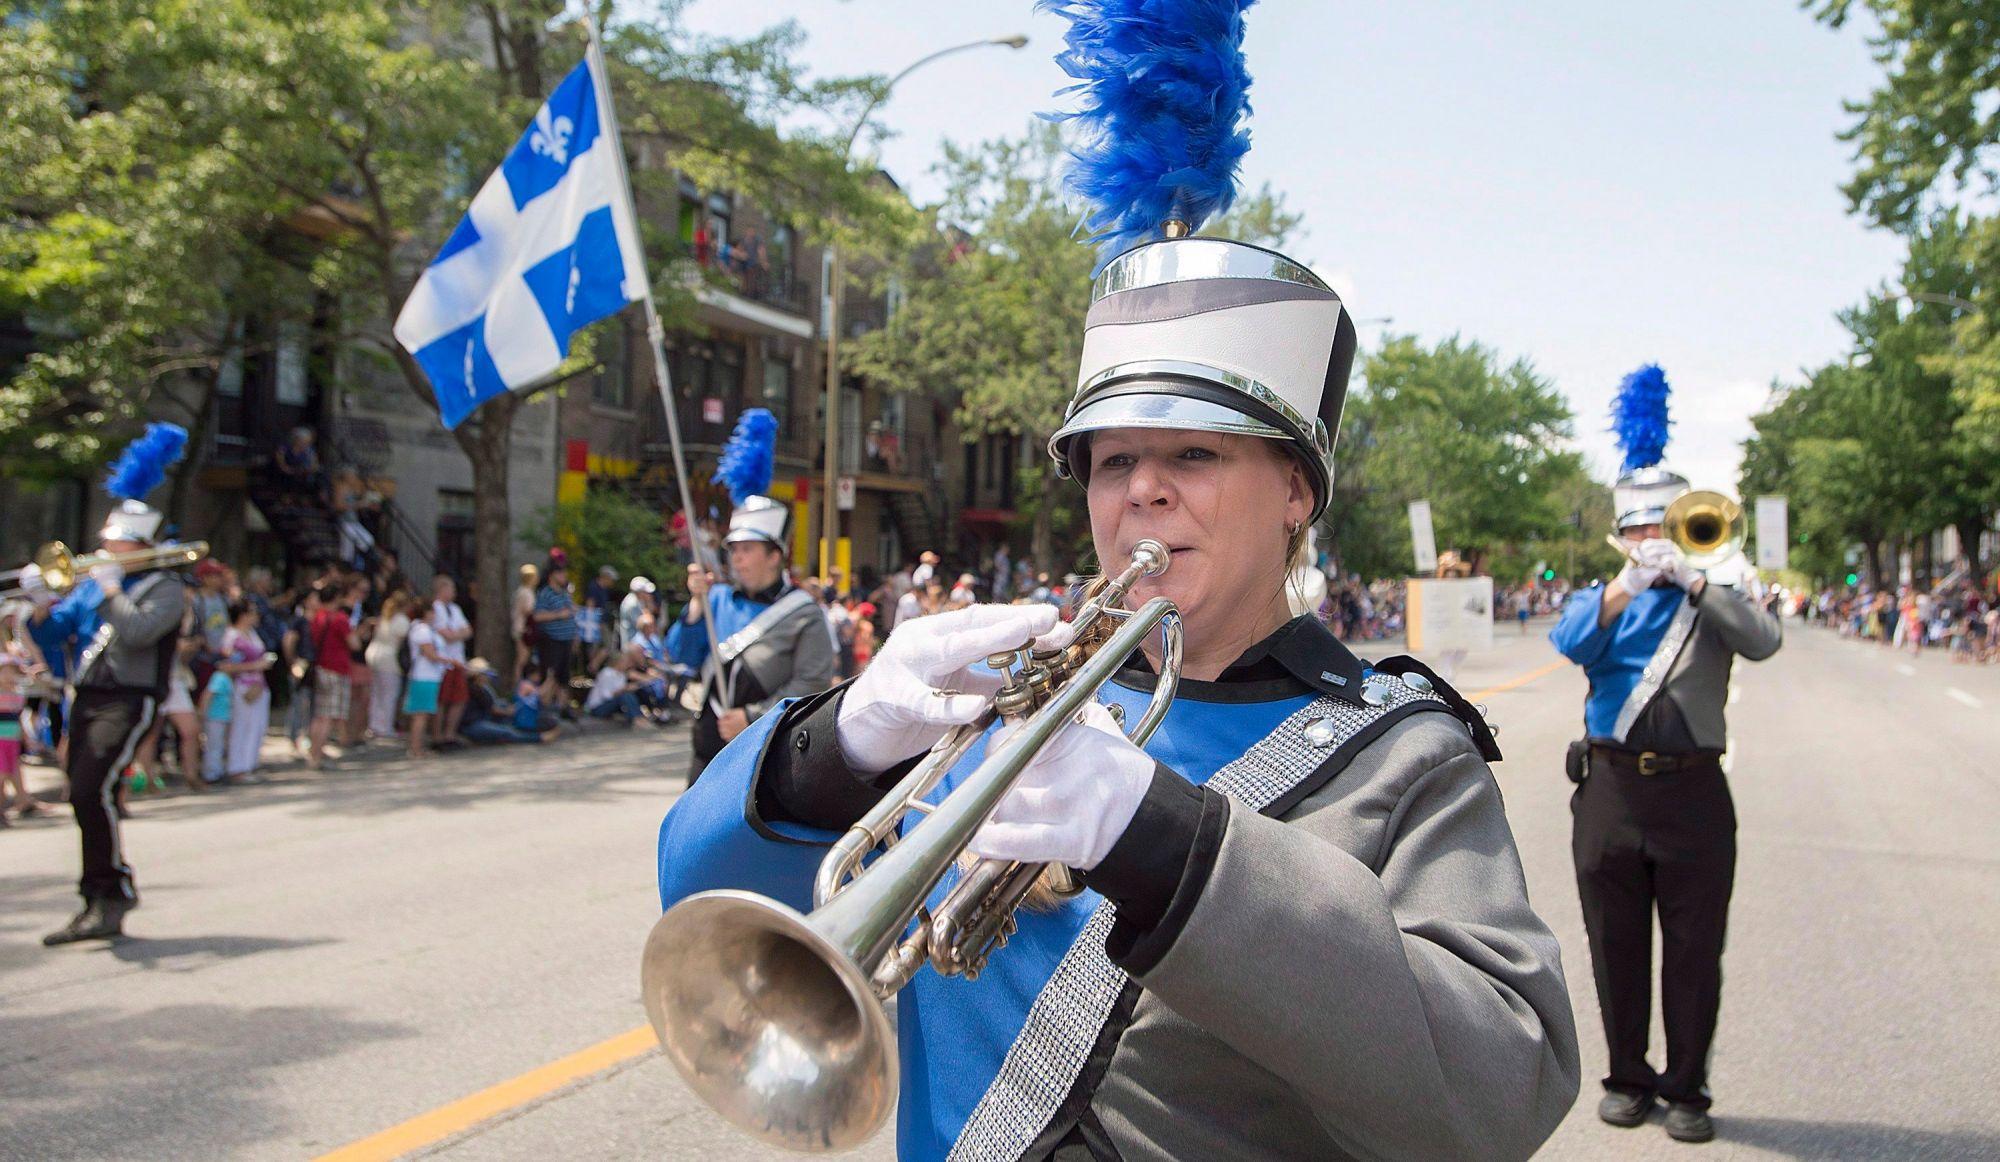 Fête nationale à Montréal: 2 défilés convergeront vers la Place des Festivals